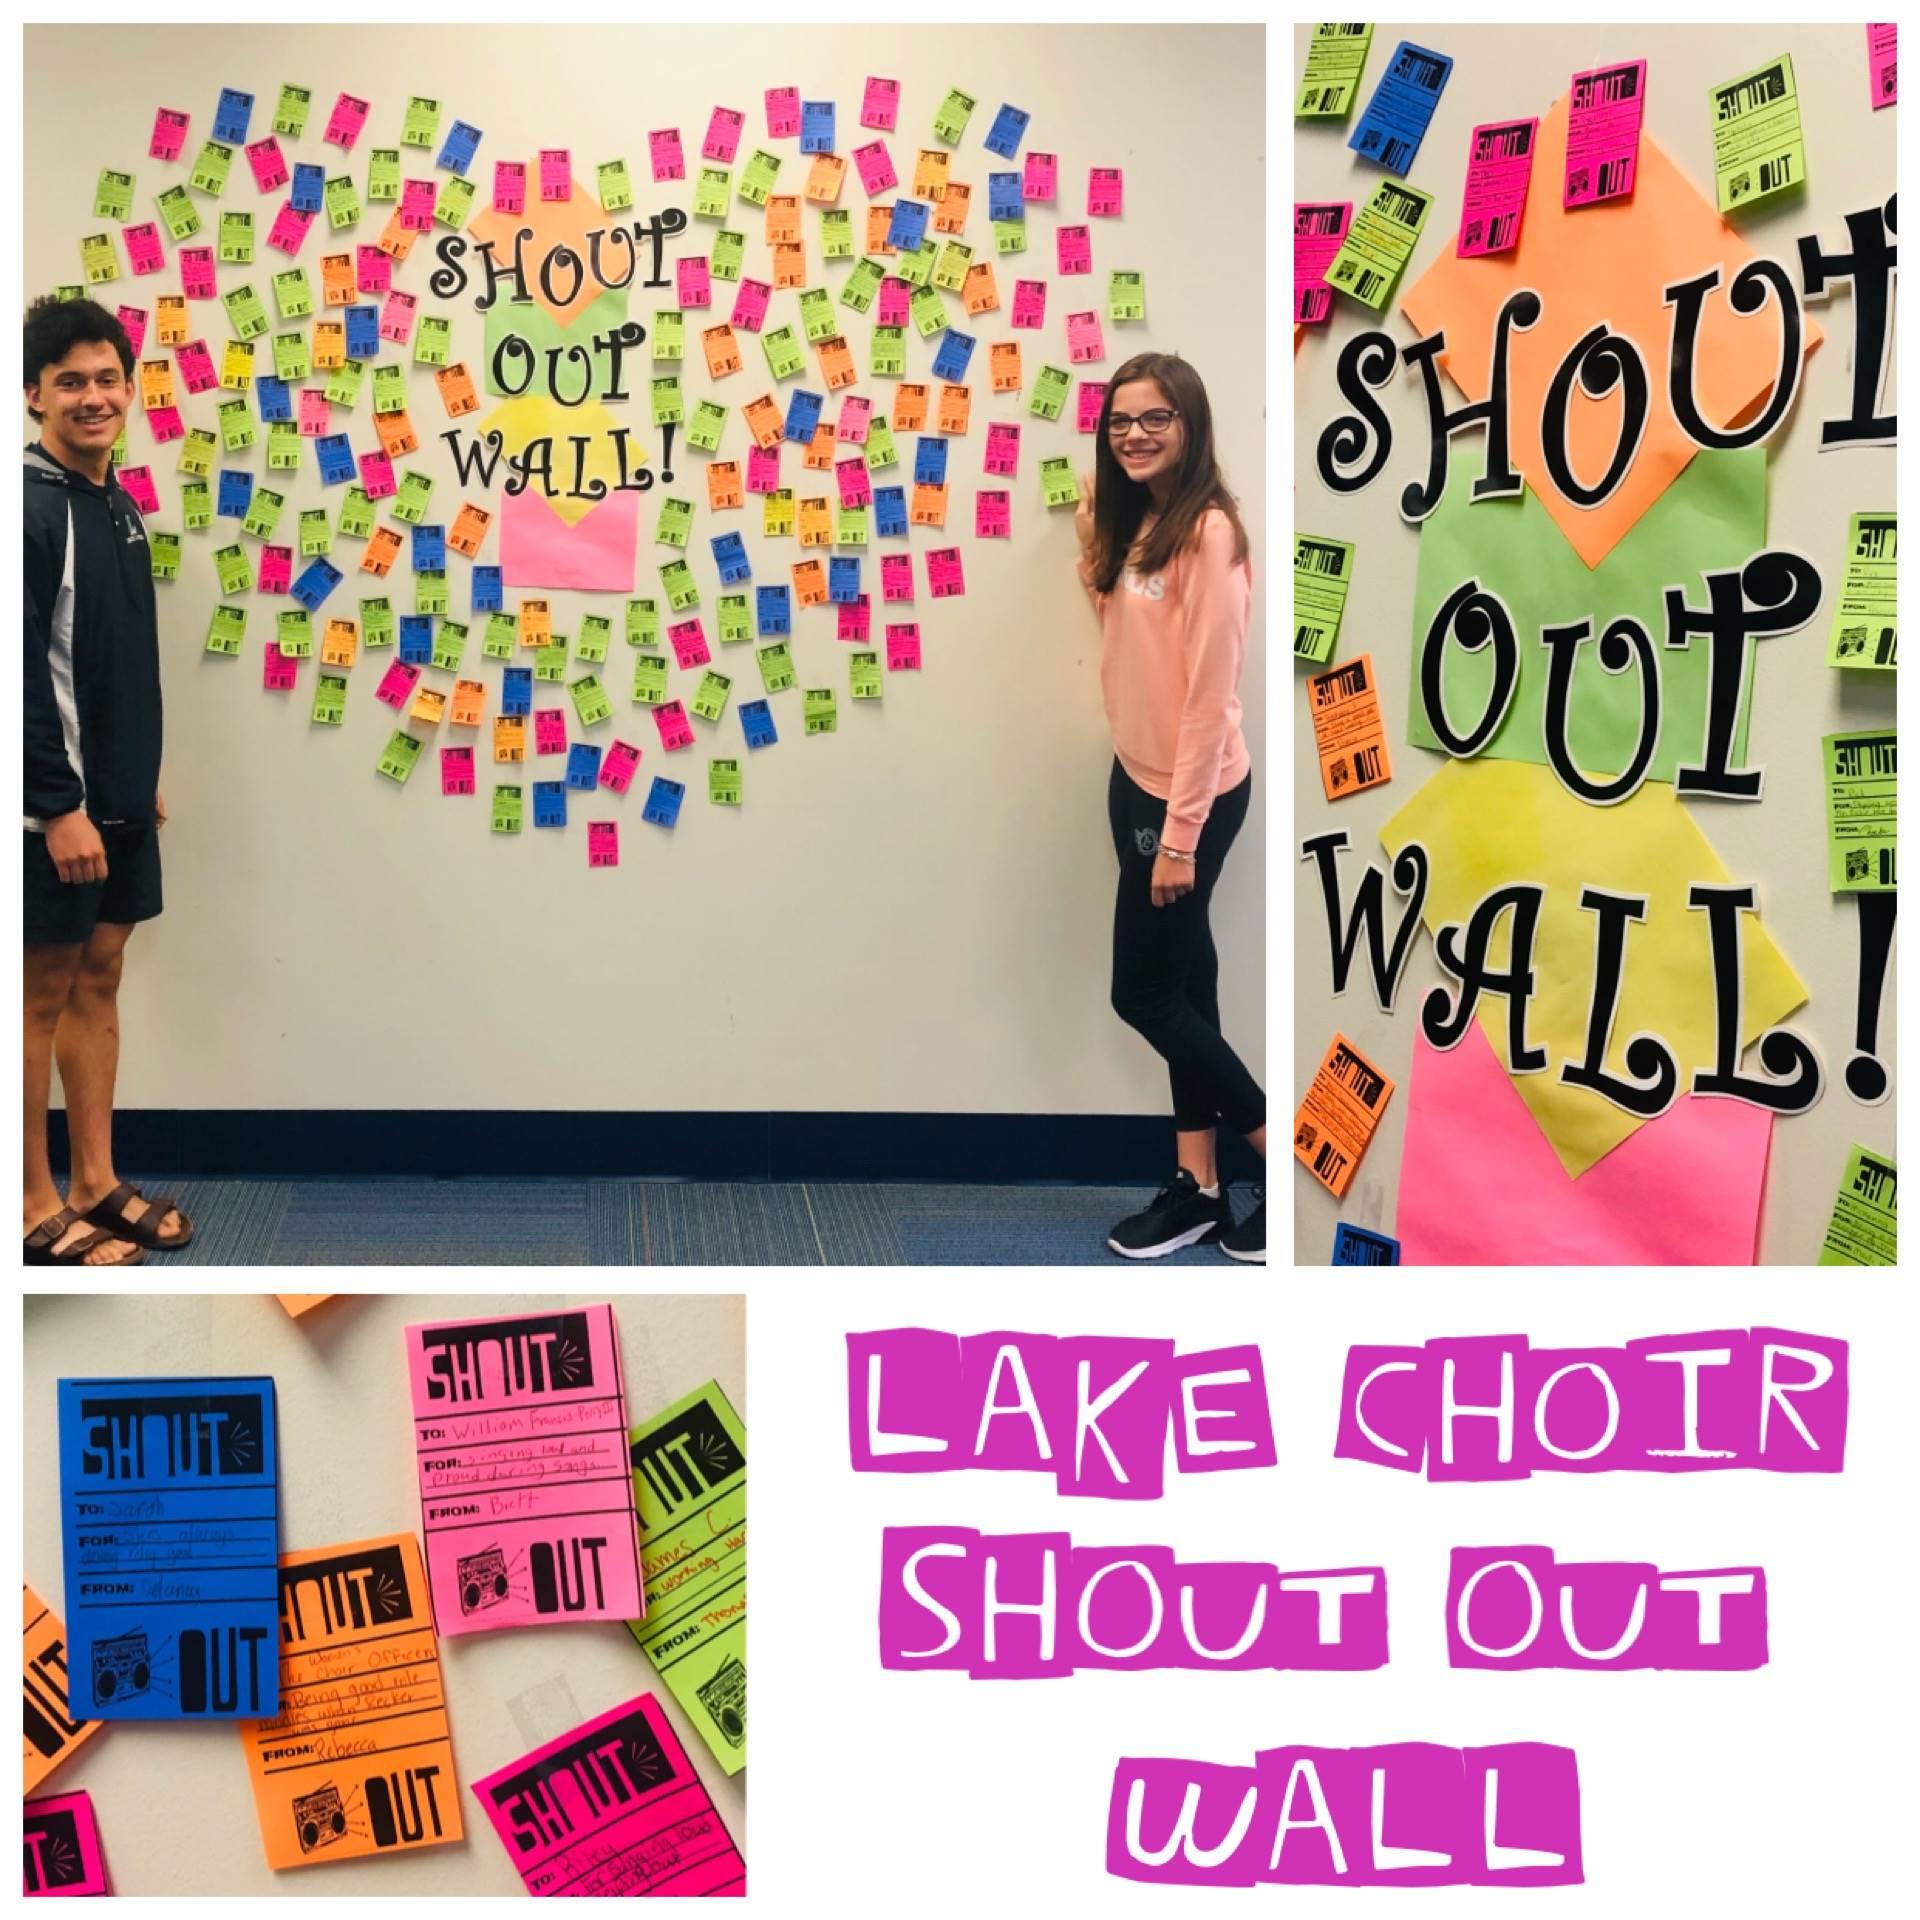 Lake Choir Shout Out Wall